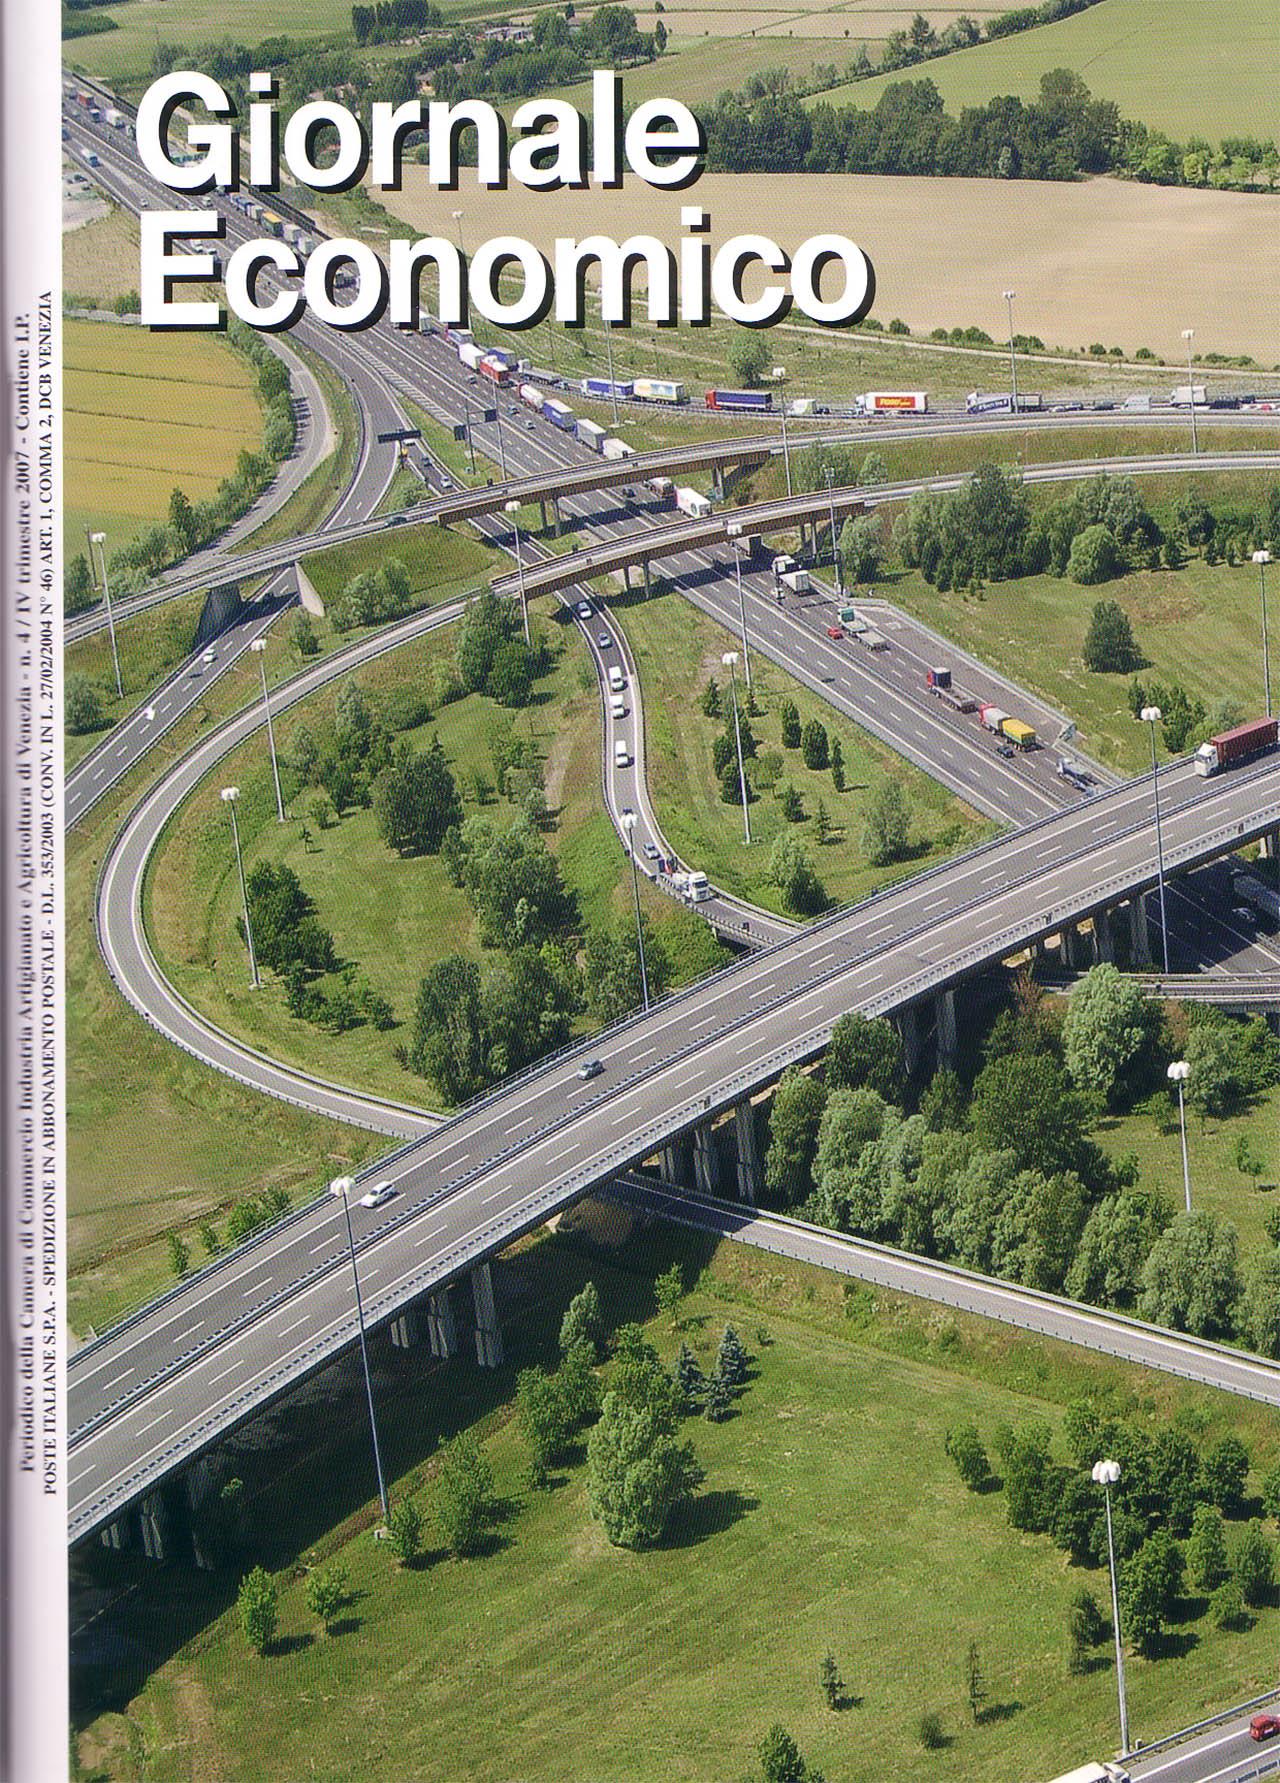 IL GIORNALE ECONOMICO, 2007